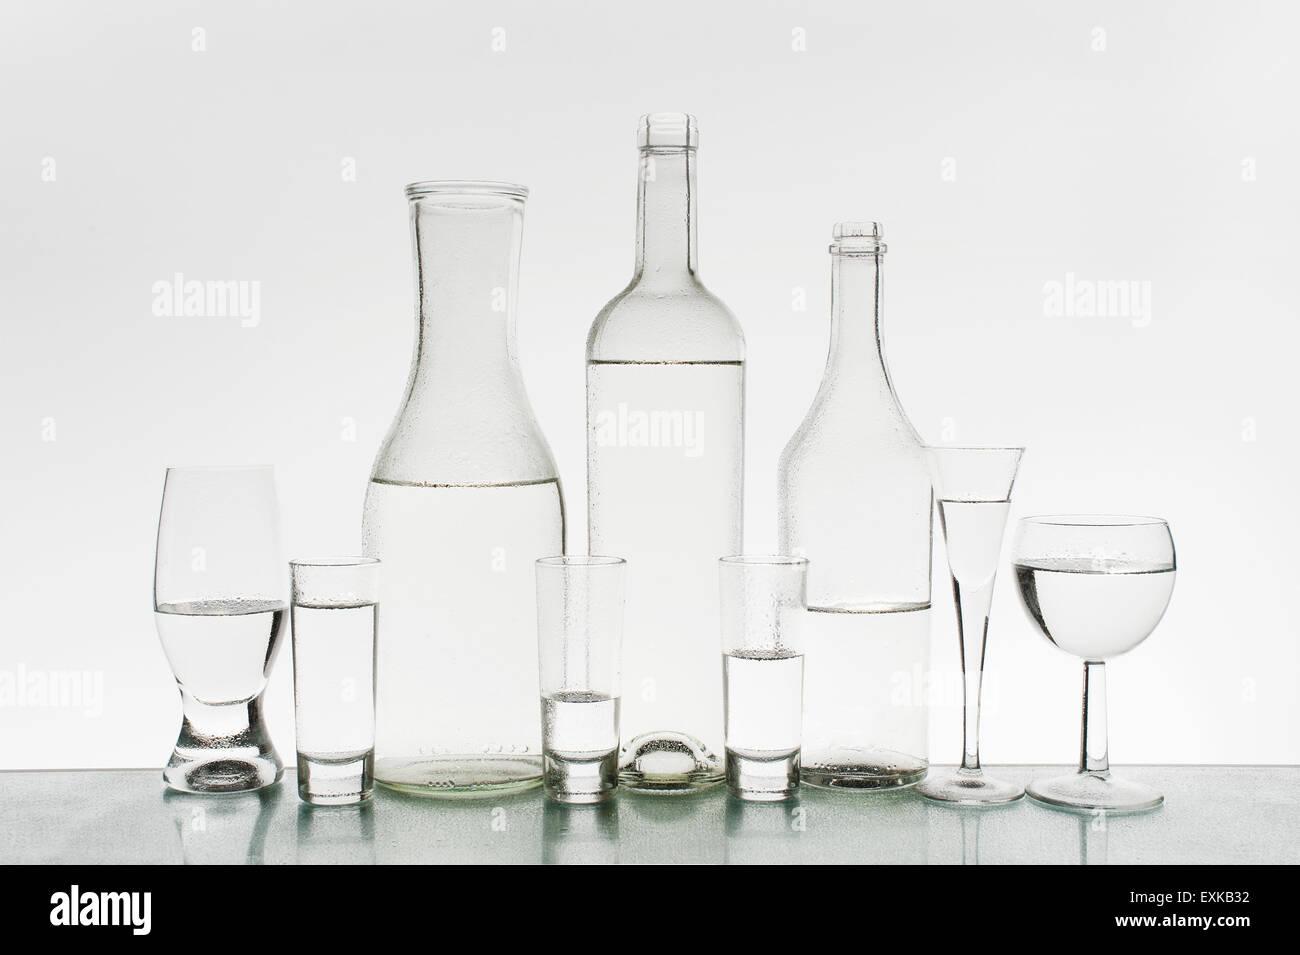 Cristalería con agua limpia en la luz de fondo Imagen De Stock